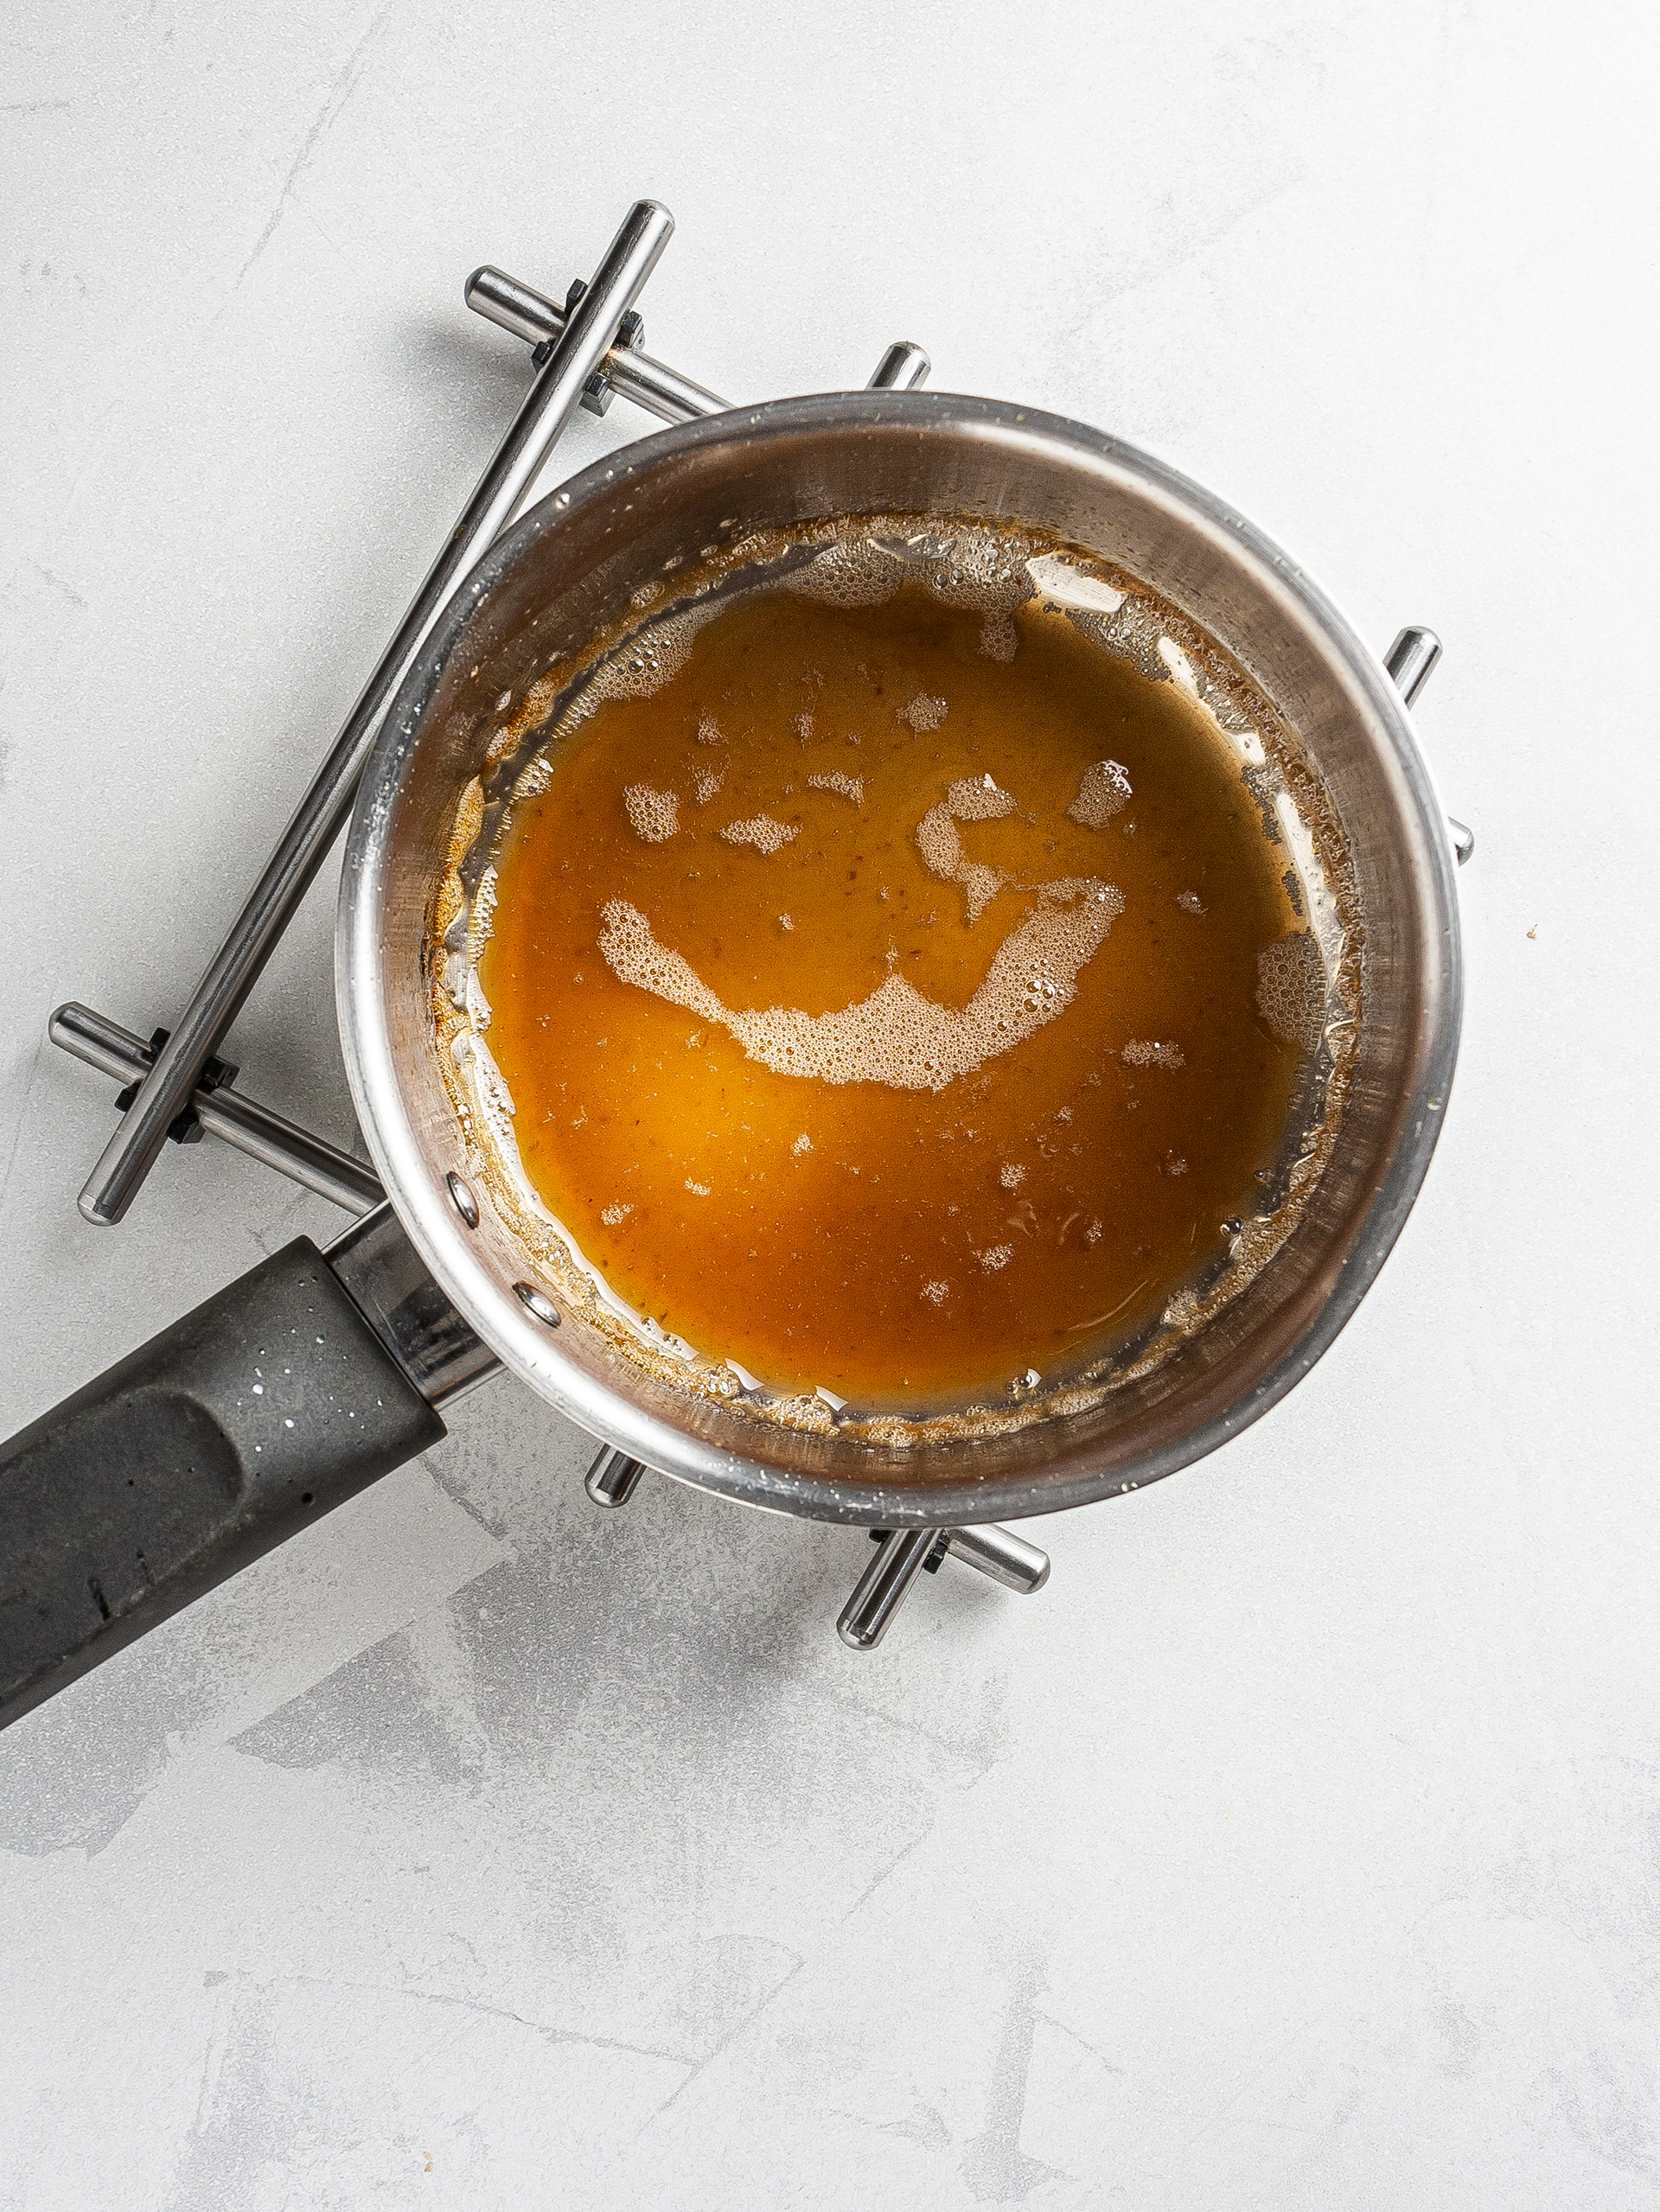 Date caramel in a pot